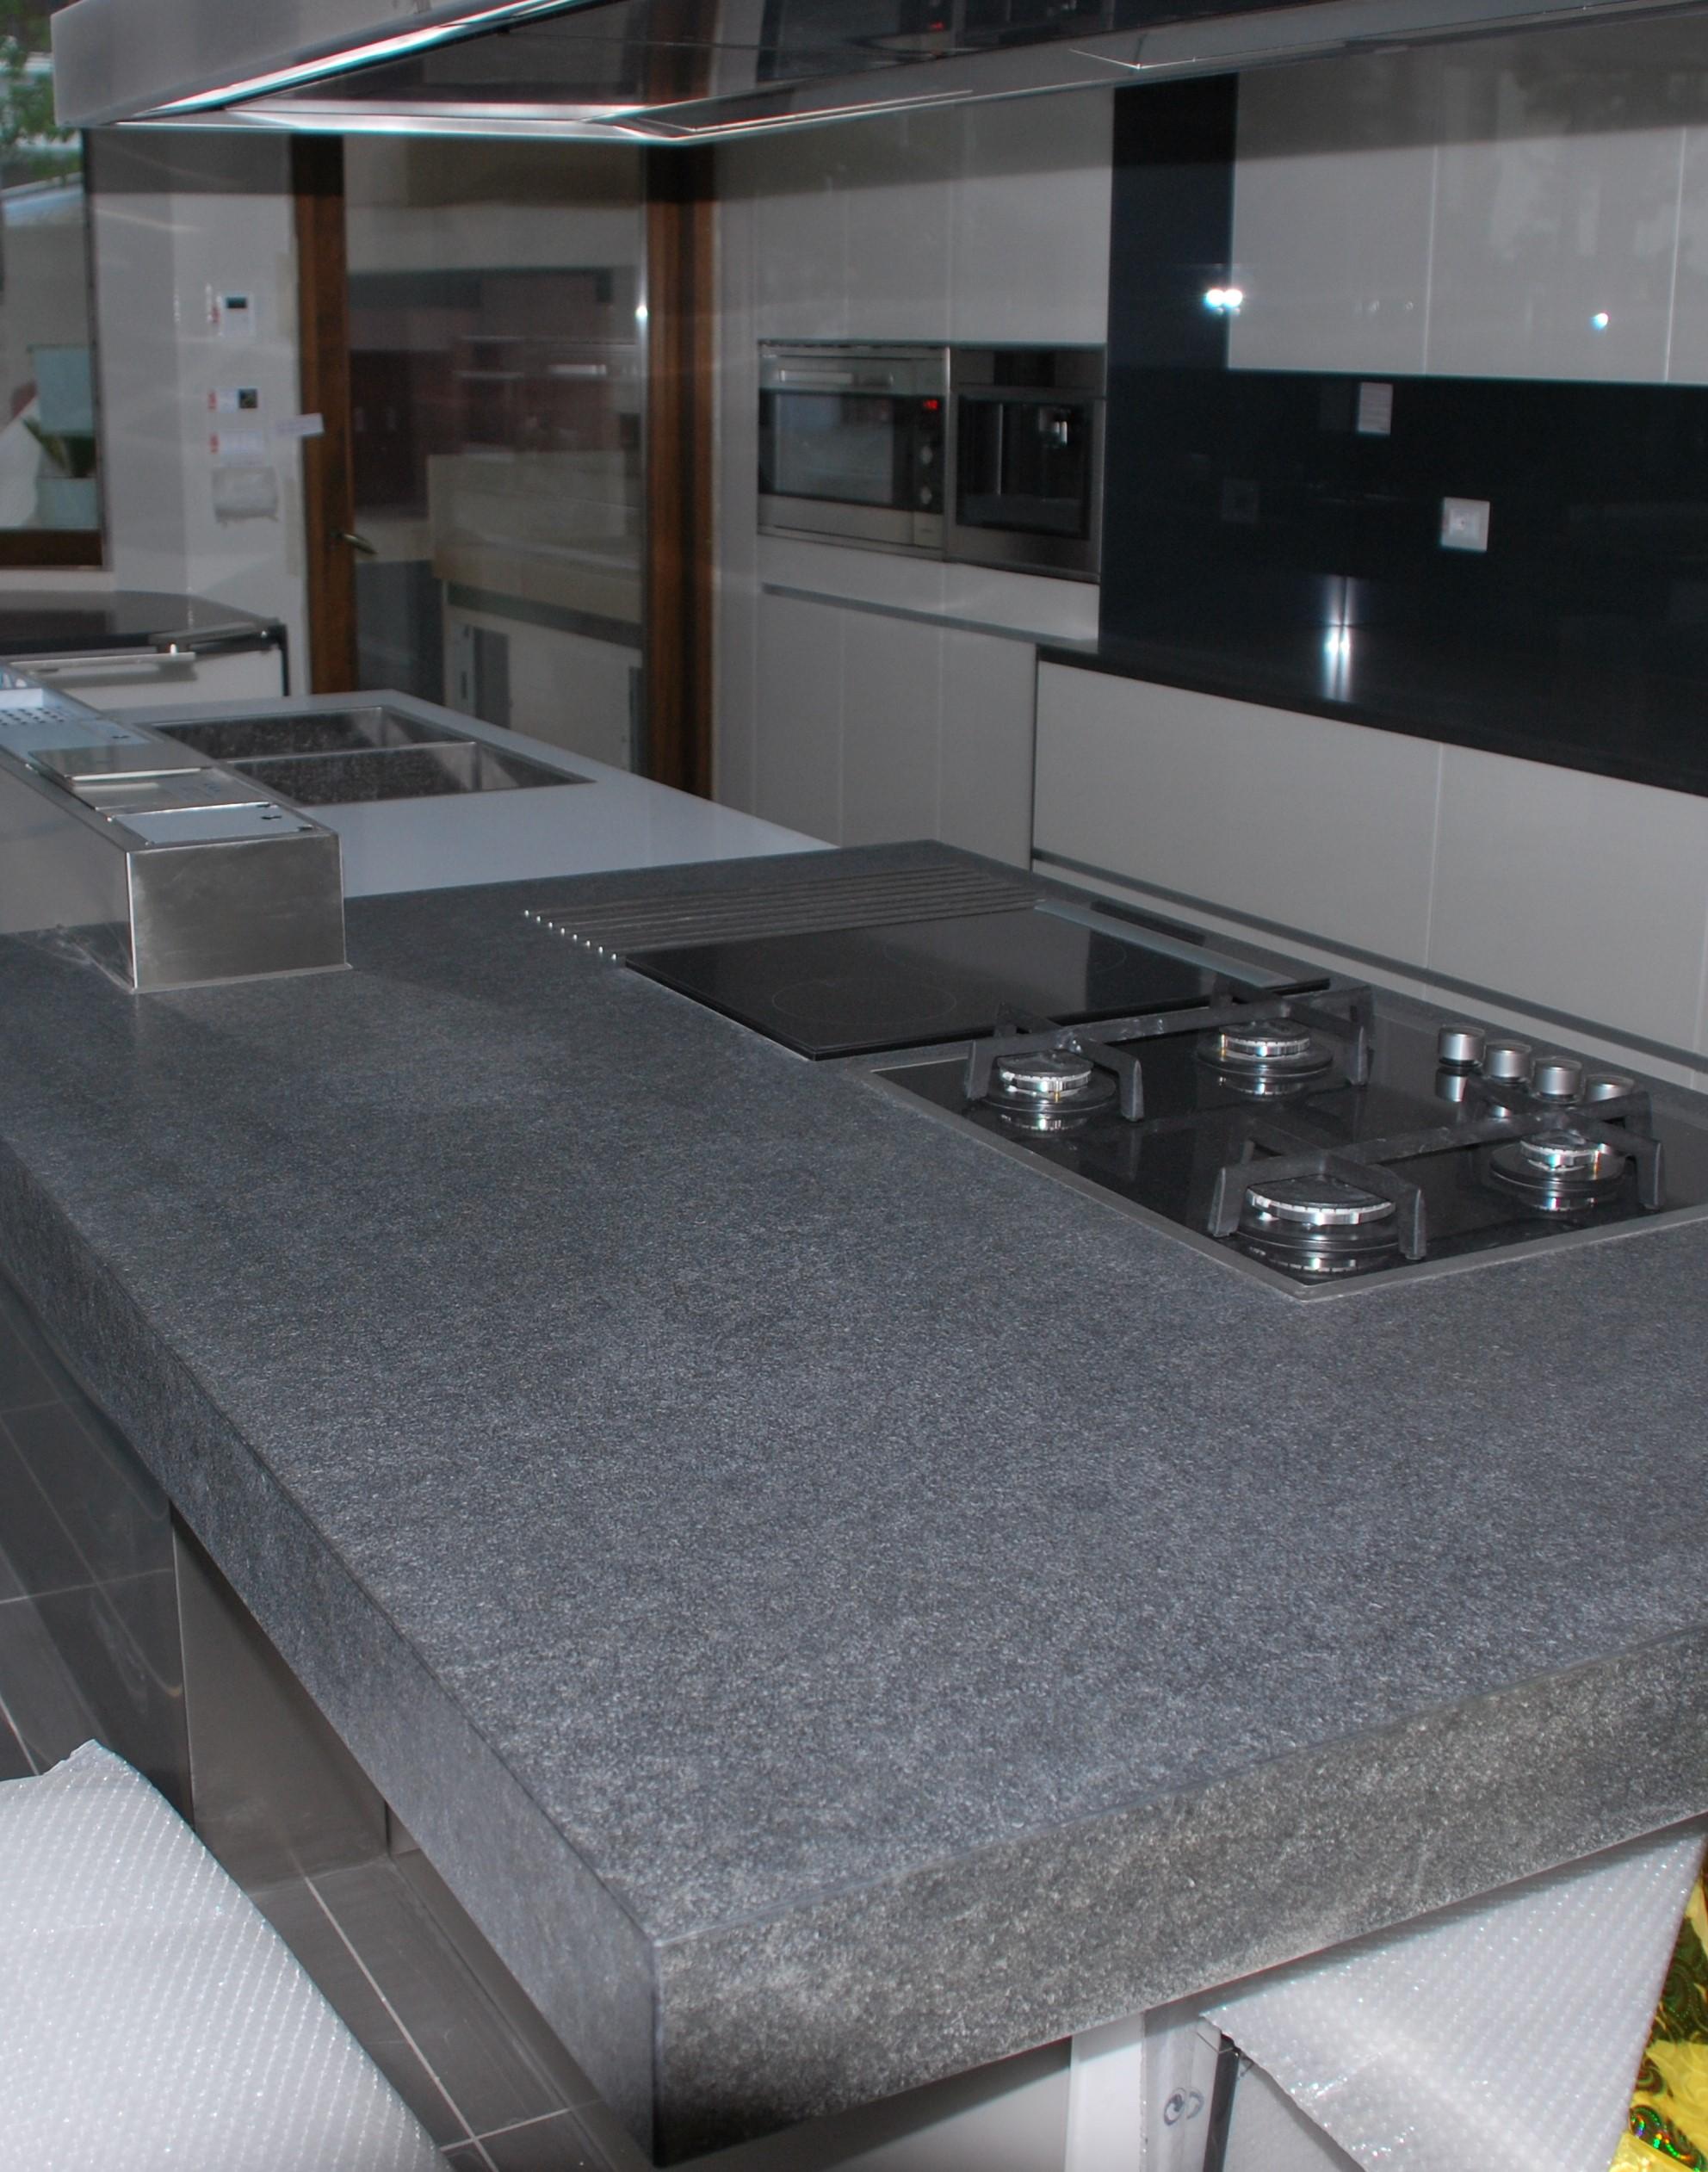 Granito Per Cucine. La Nostra Filosofia With Granito Per Cucine. Cheap Pietra E Graniti Per ...